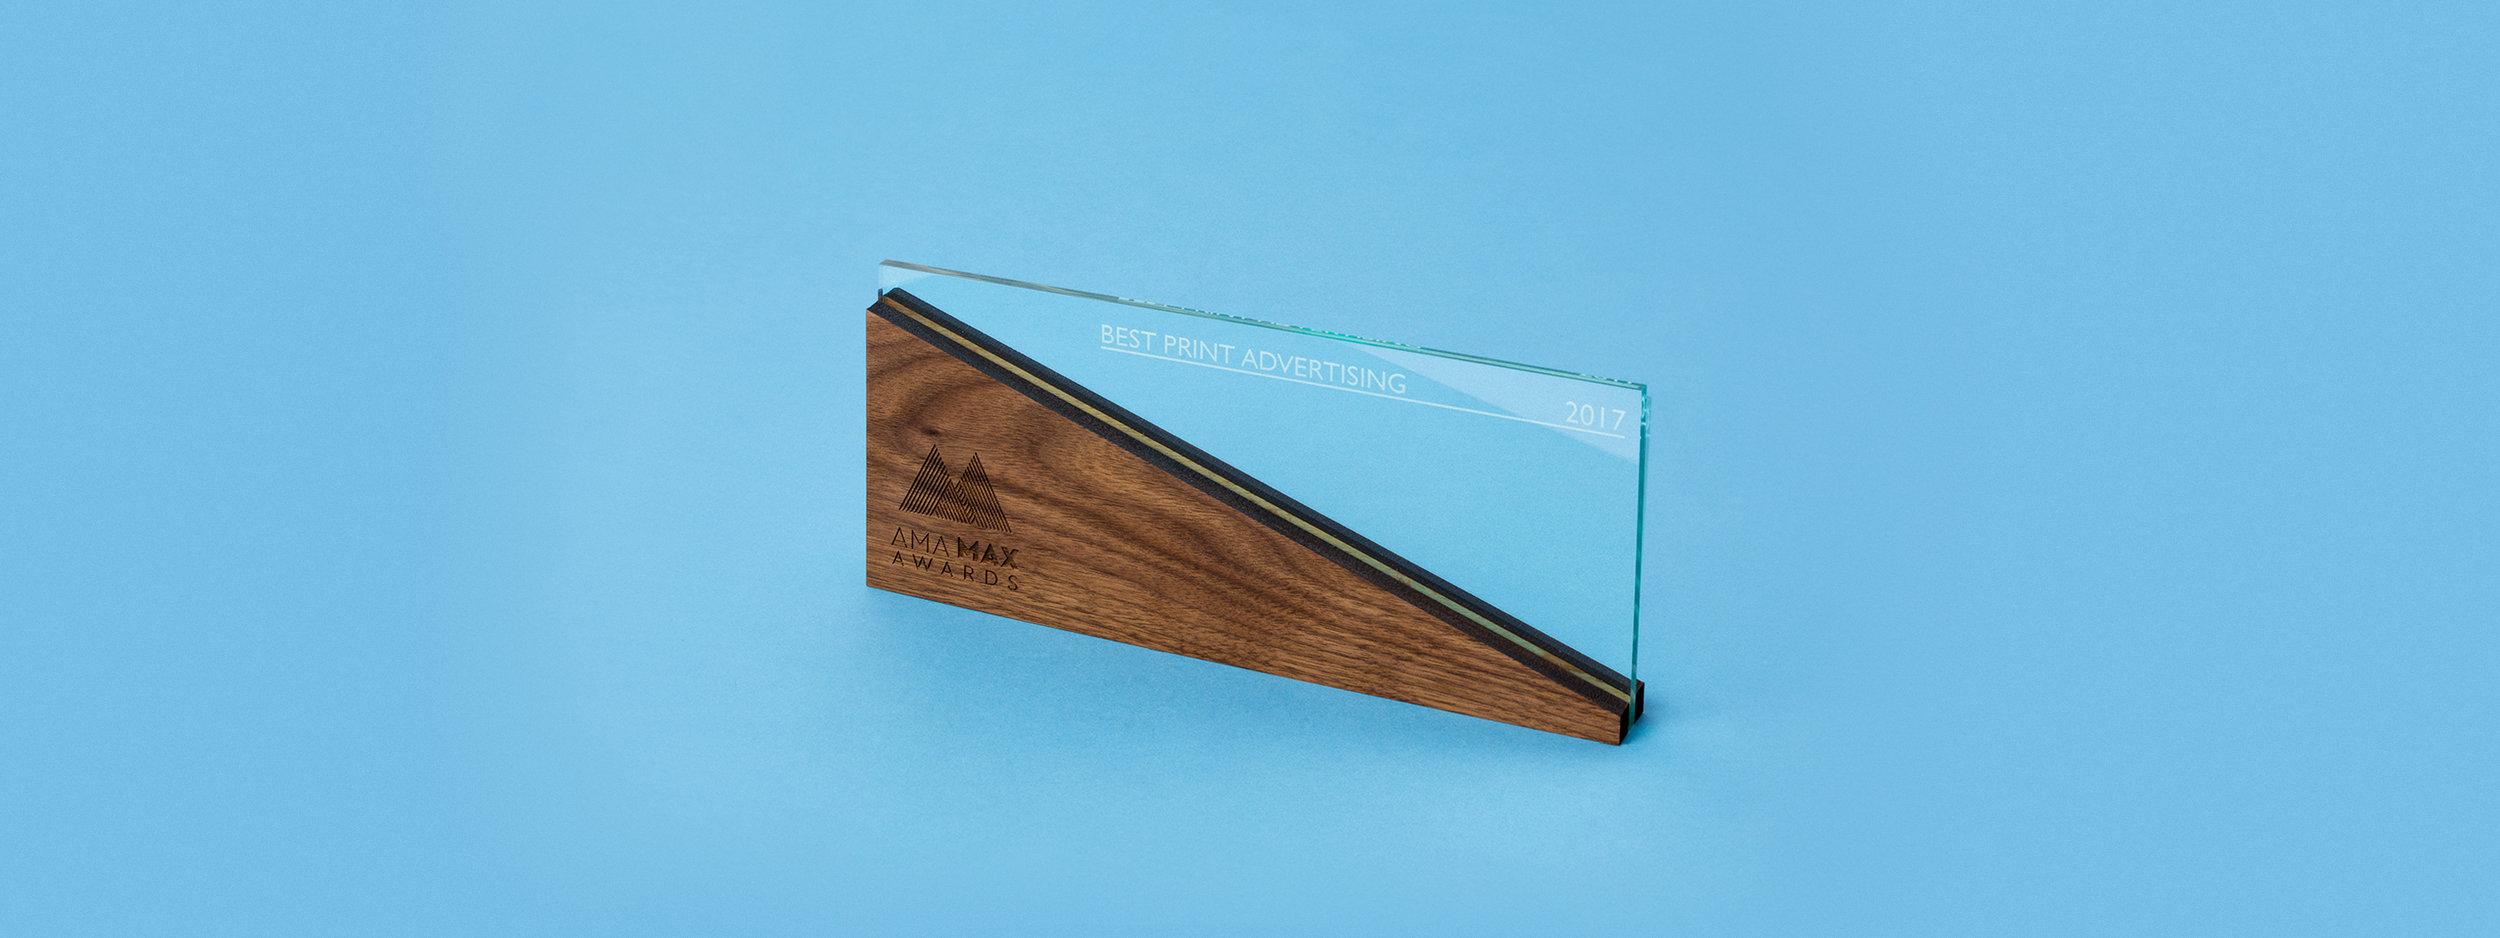 custom award, trophy, design, laser cut acrylic, laser cut wood, engraved wood, engraved green edge acrylic, portland, OR